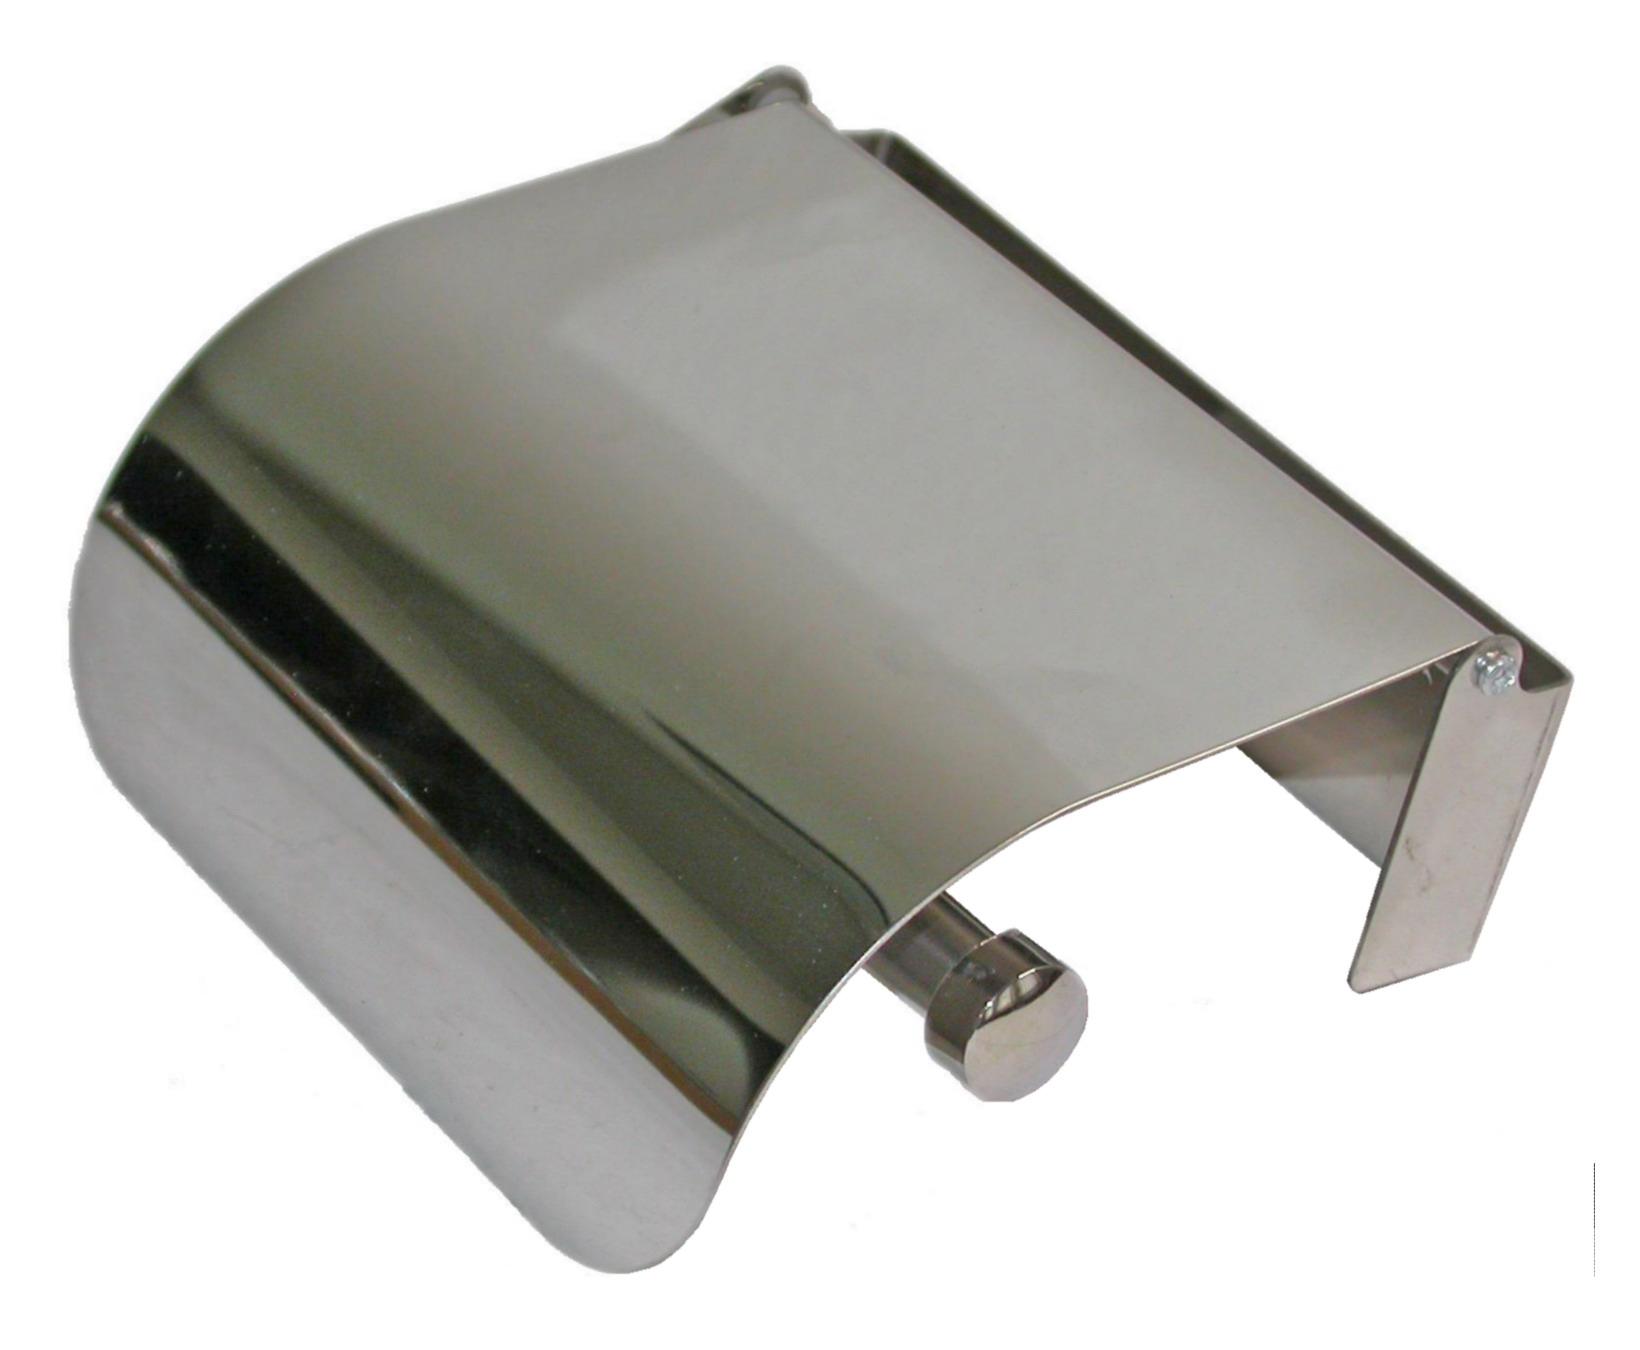 Harga Fiorentino Dispenser Tissue Ot03 Al Yang Murah Dan Bagus